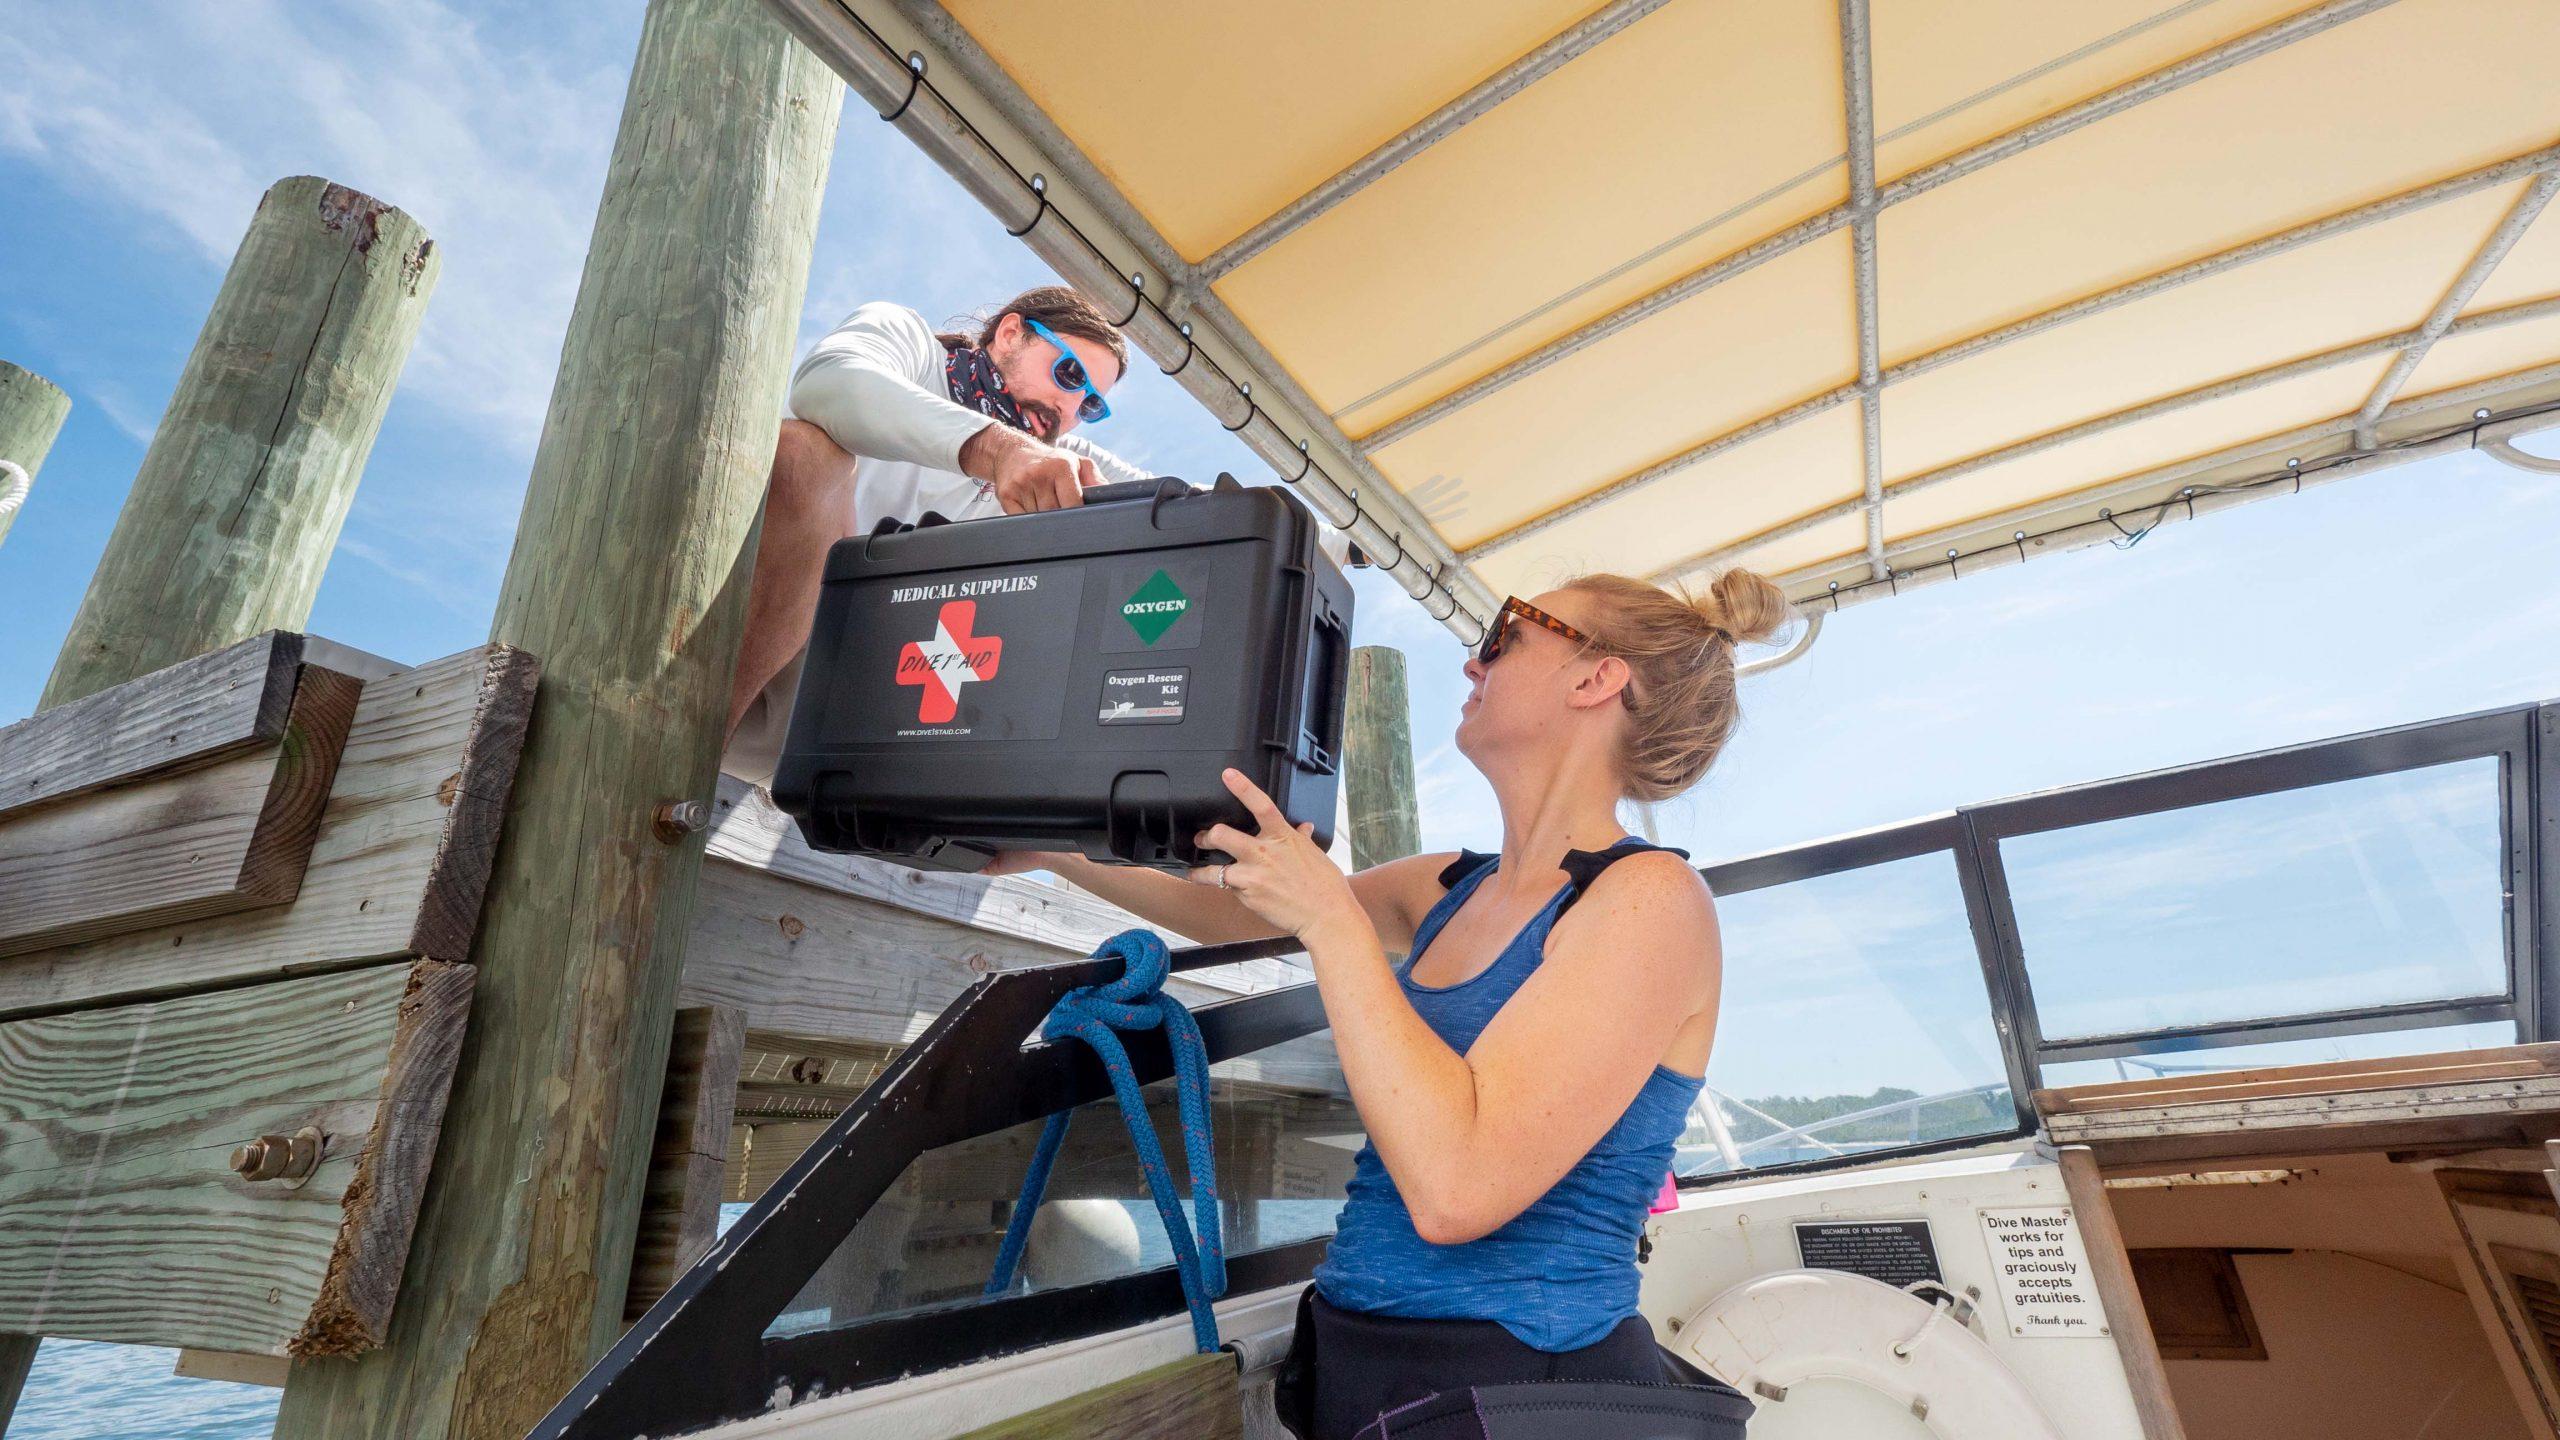 Eerste-respons-eerste-hulp-benodigdheden-op-een-boot-foto